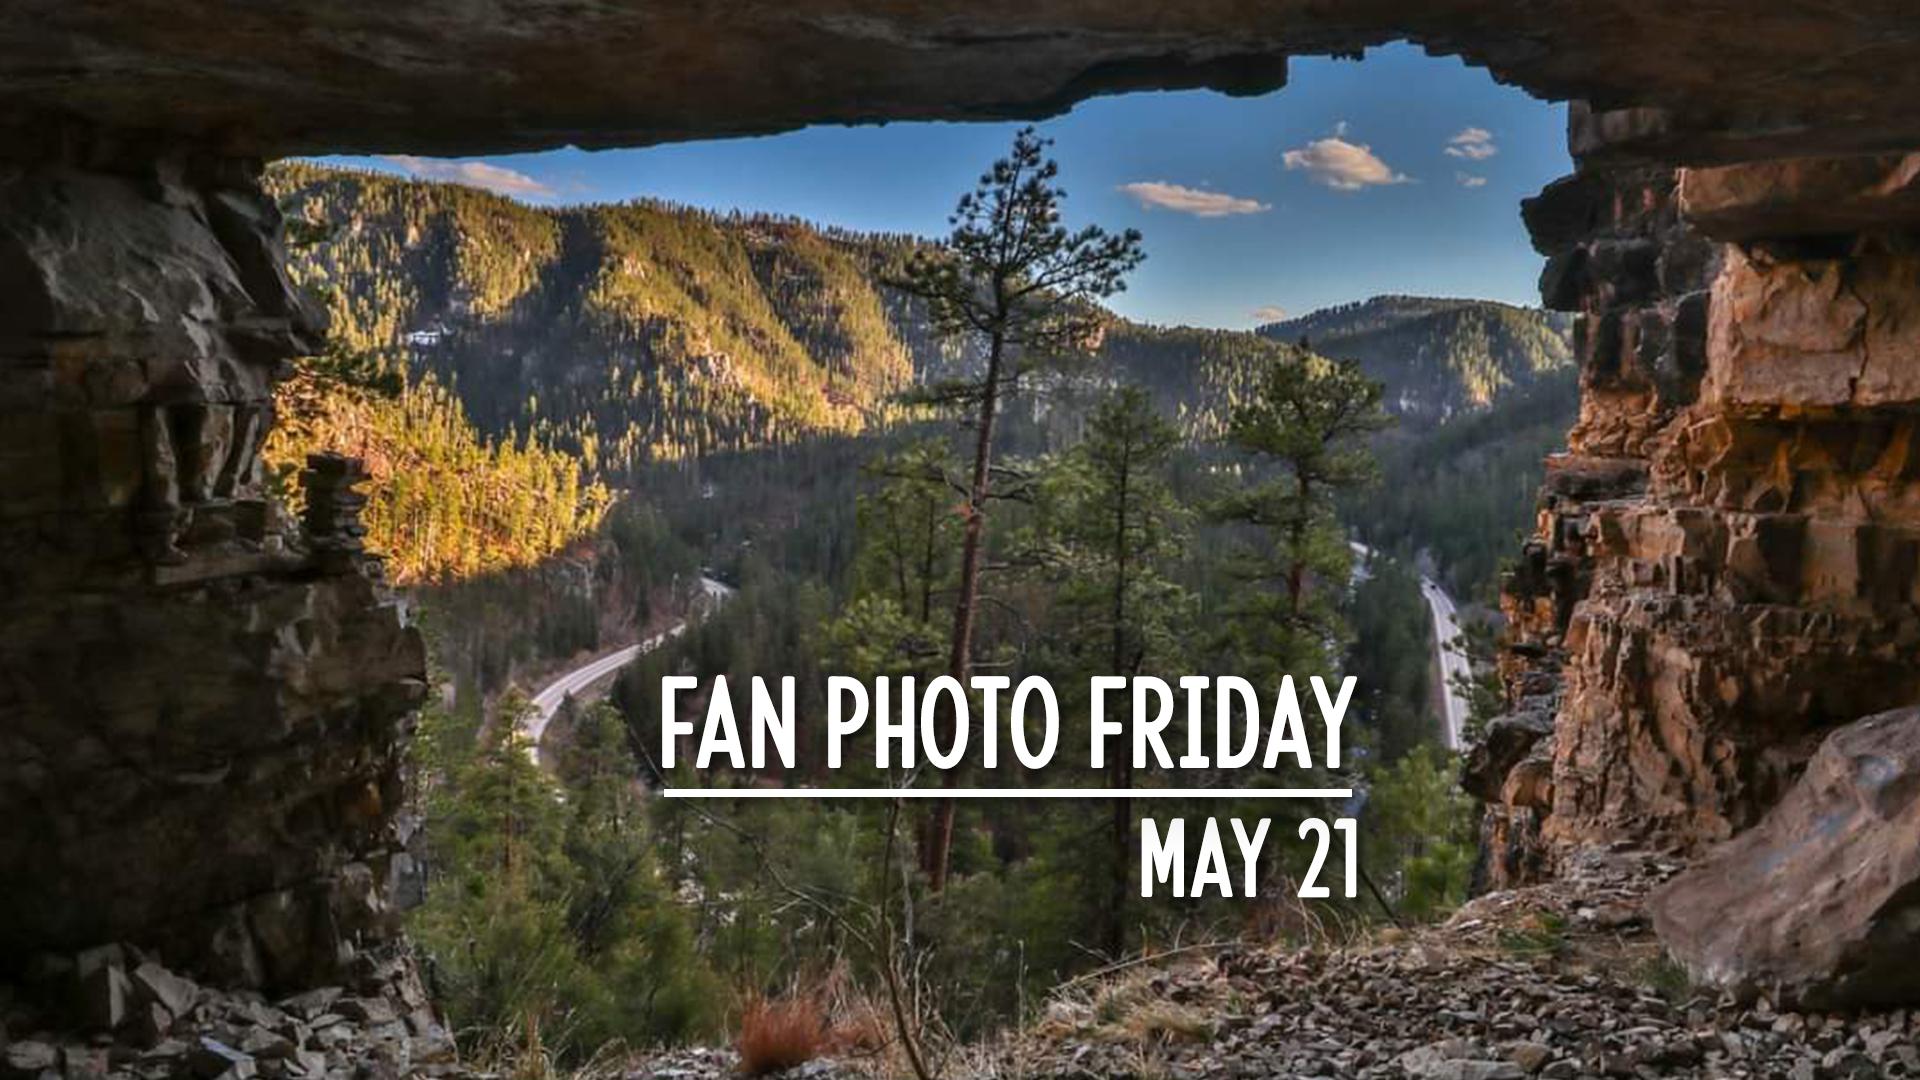 Fan Photo Friday | May 21, 2021